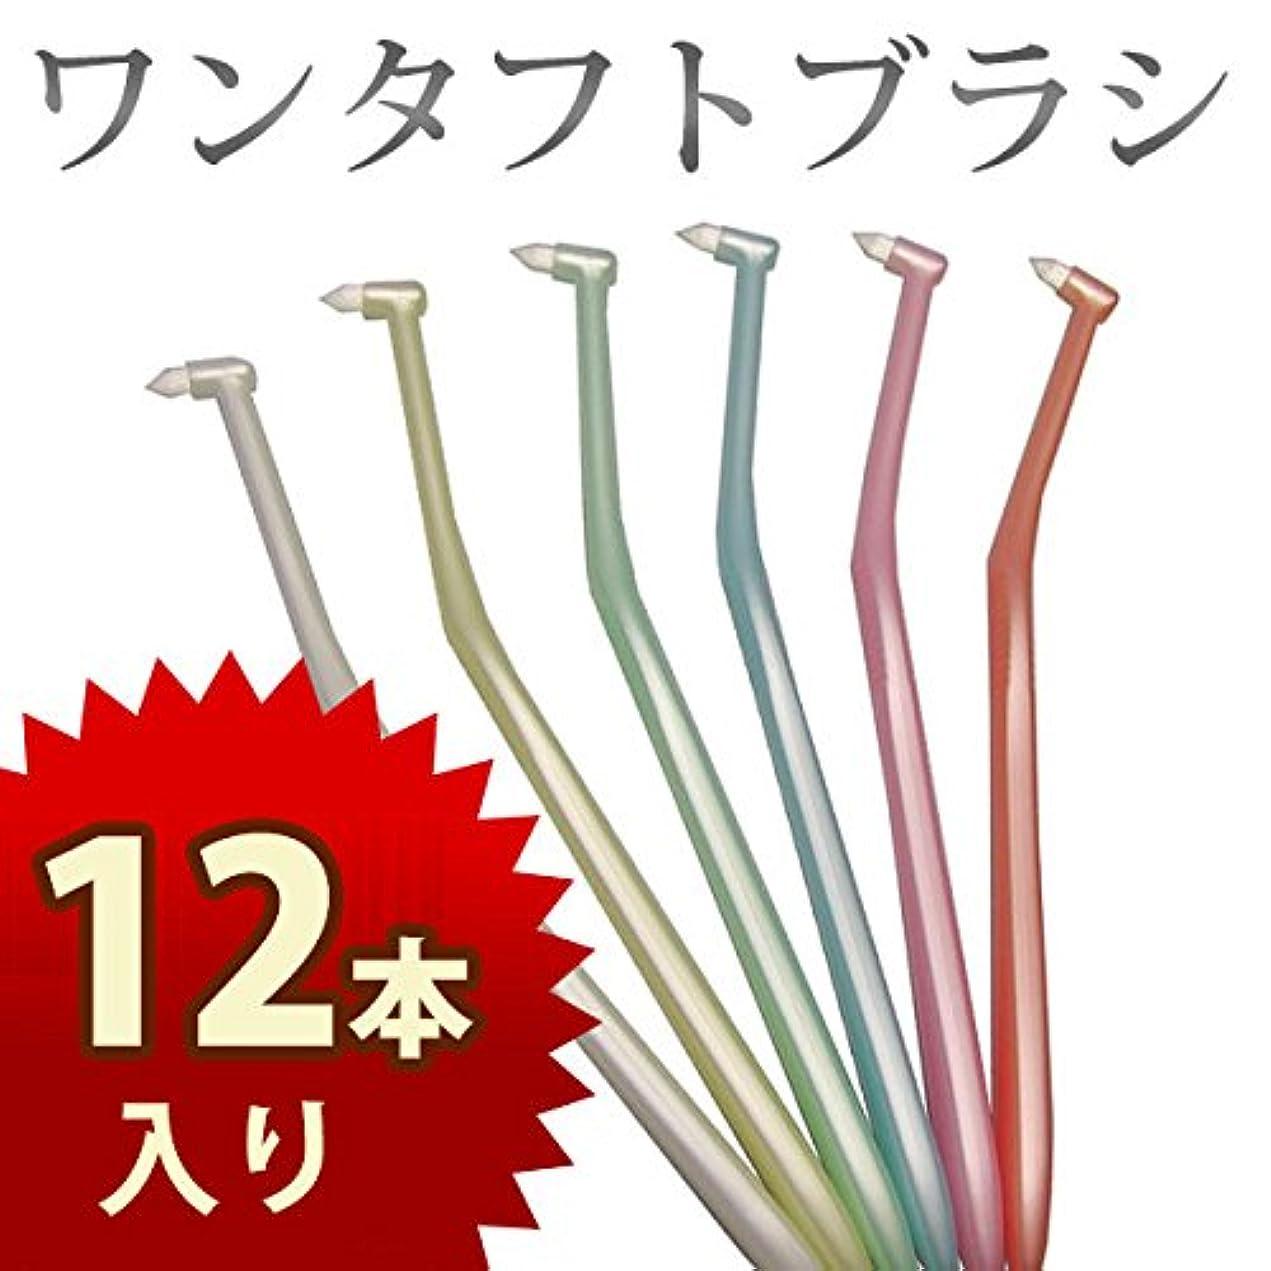 発表する枝騒ぎラピス ワンタフト 12本入り LA-001 歯ブラシ ミディアム(ふつう) グリーン